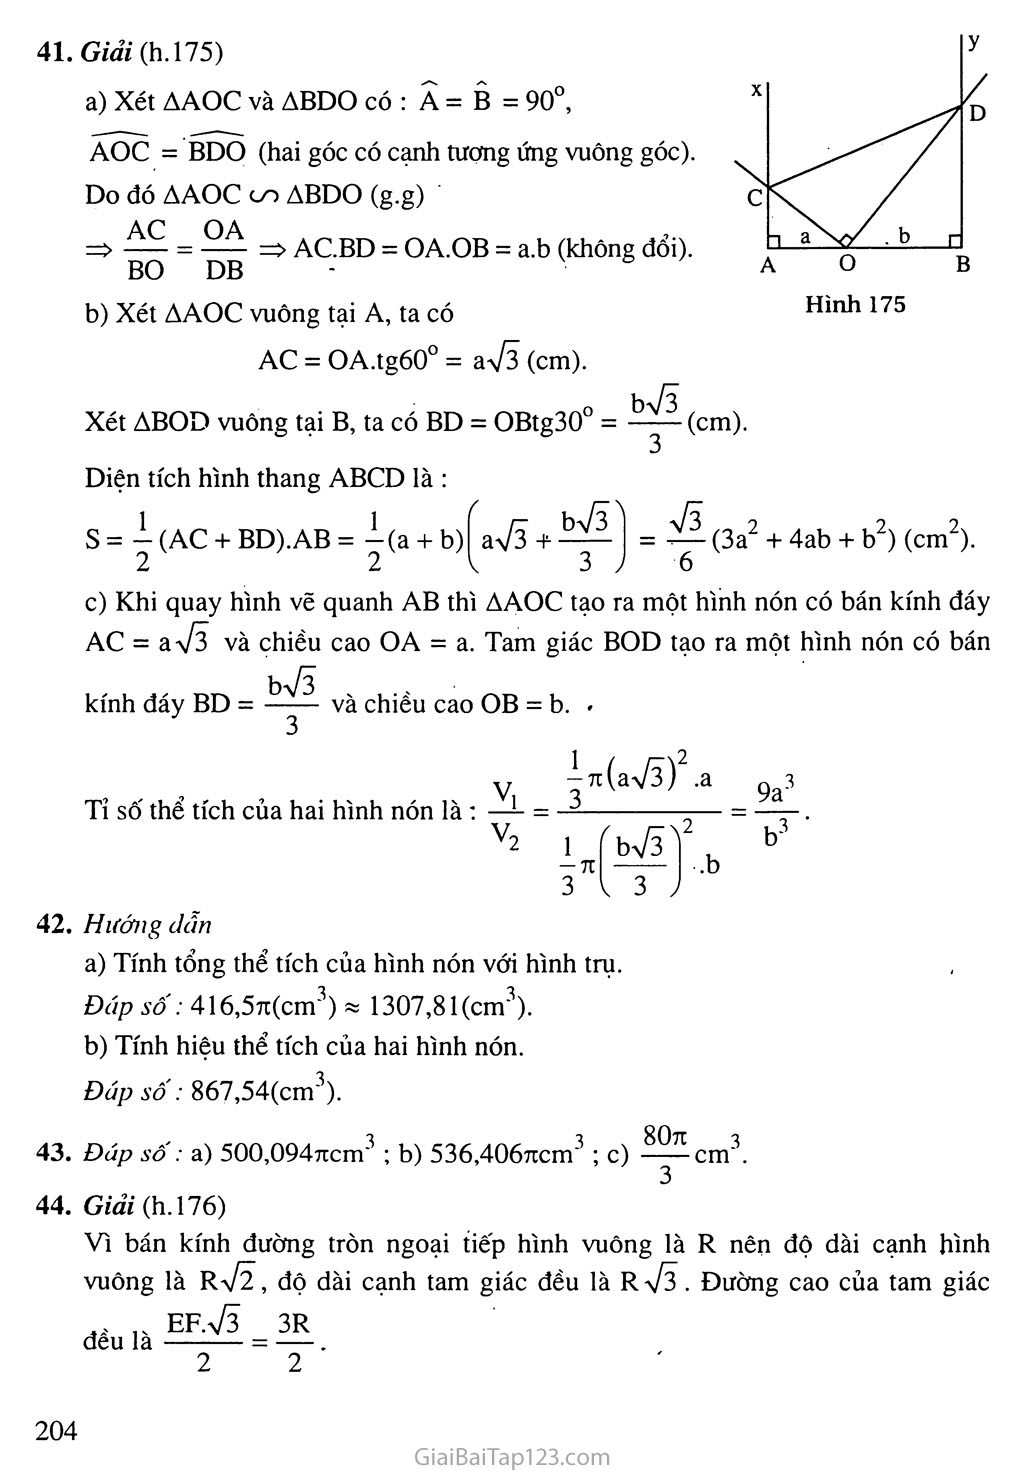 Ôn tâp chươmg IV trang 3